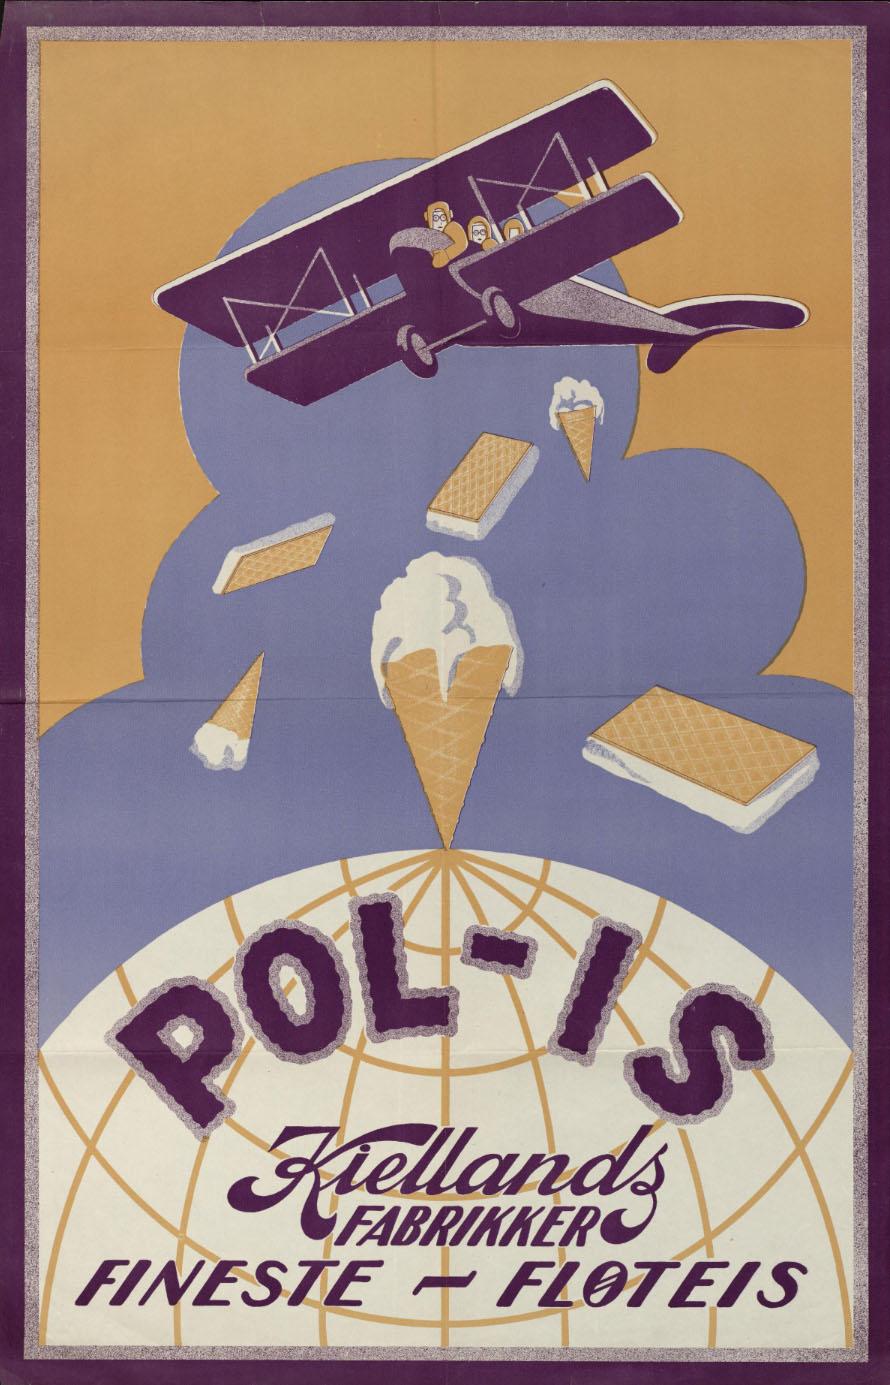 Plakat av dobbeldekkerfly som slipper iskrem over nordpolen på en stilisert klode. Tekst: Pol-is Kiellands fabrikker Fineste - Fløteis